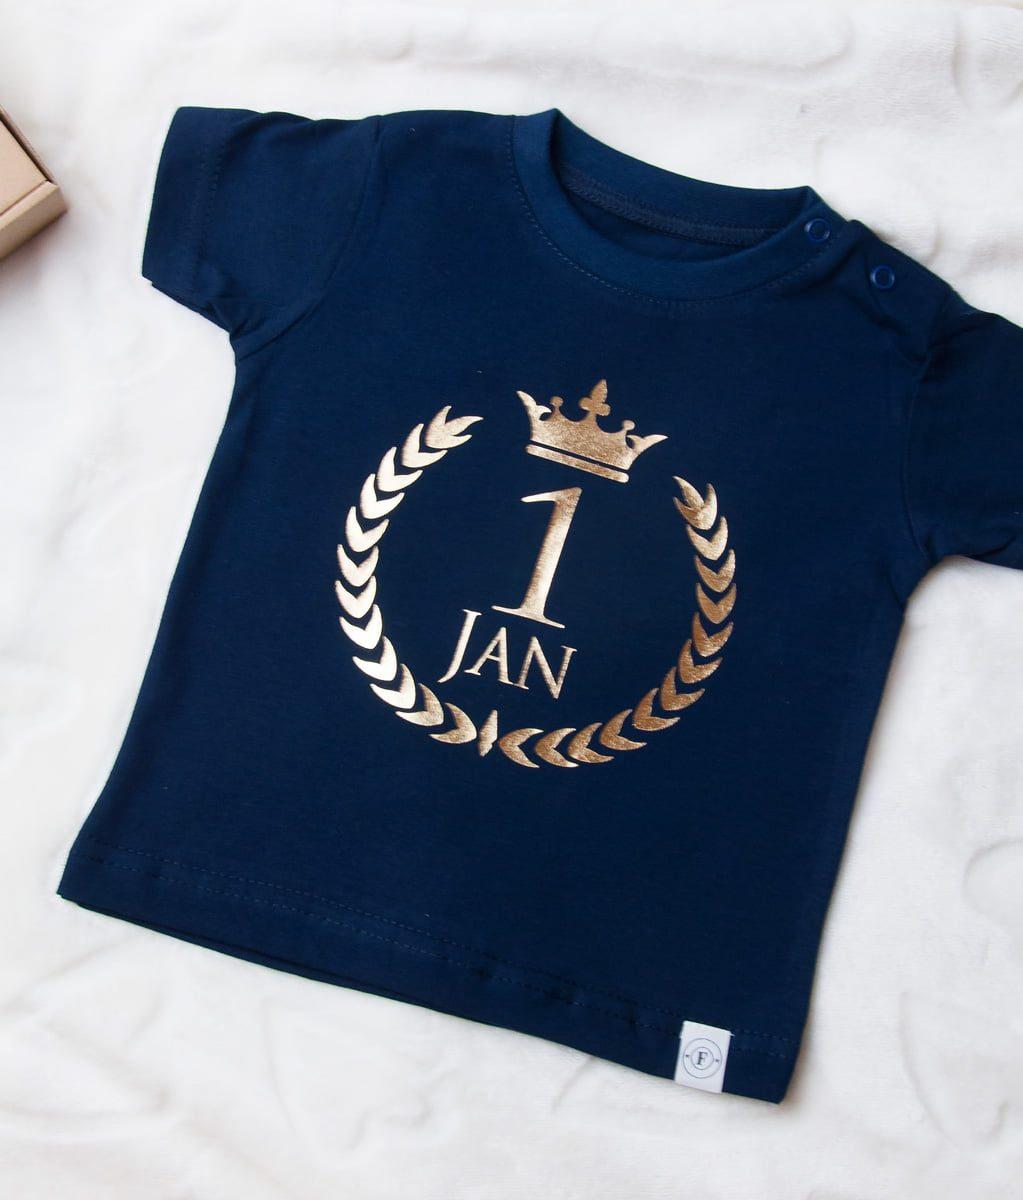 379581c41 Body/koszulka na urodziny z imieniem i cyfrą - Fabryka Bodziaków